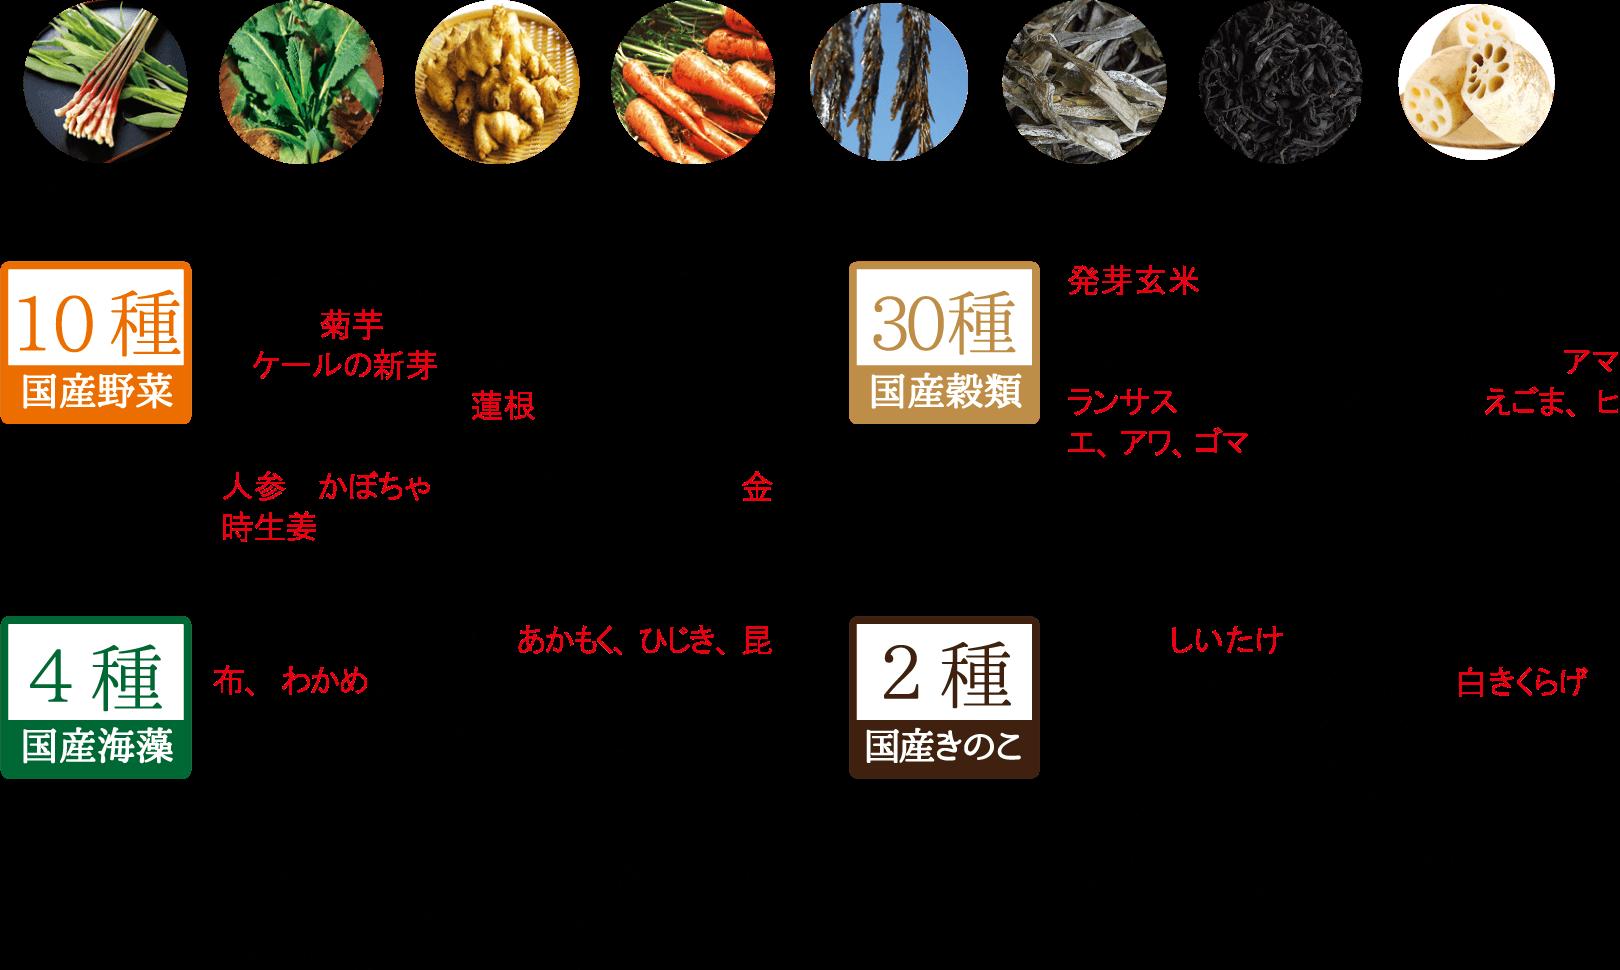 『四十六種粥』原料